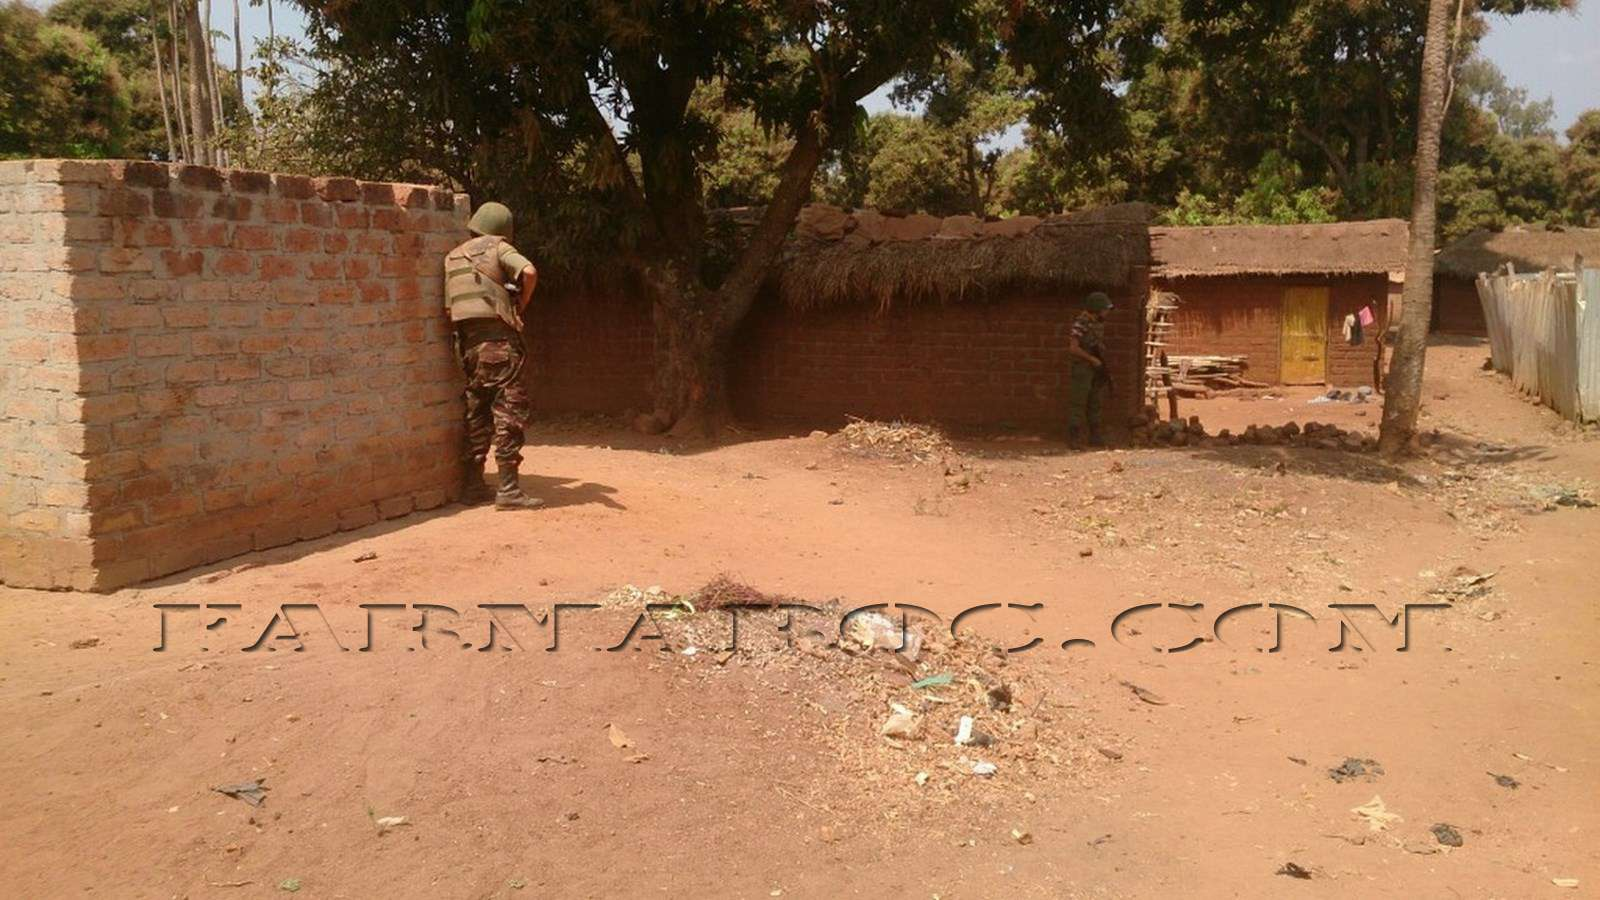 Maintien de la paix dans le monde - Les FAR en République Centrafricaine - RCA (MINUSCA) 210